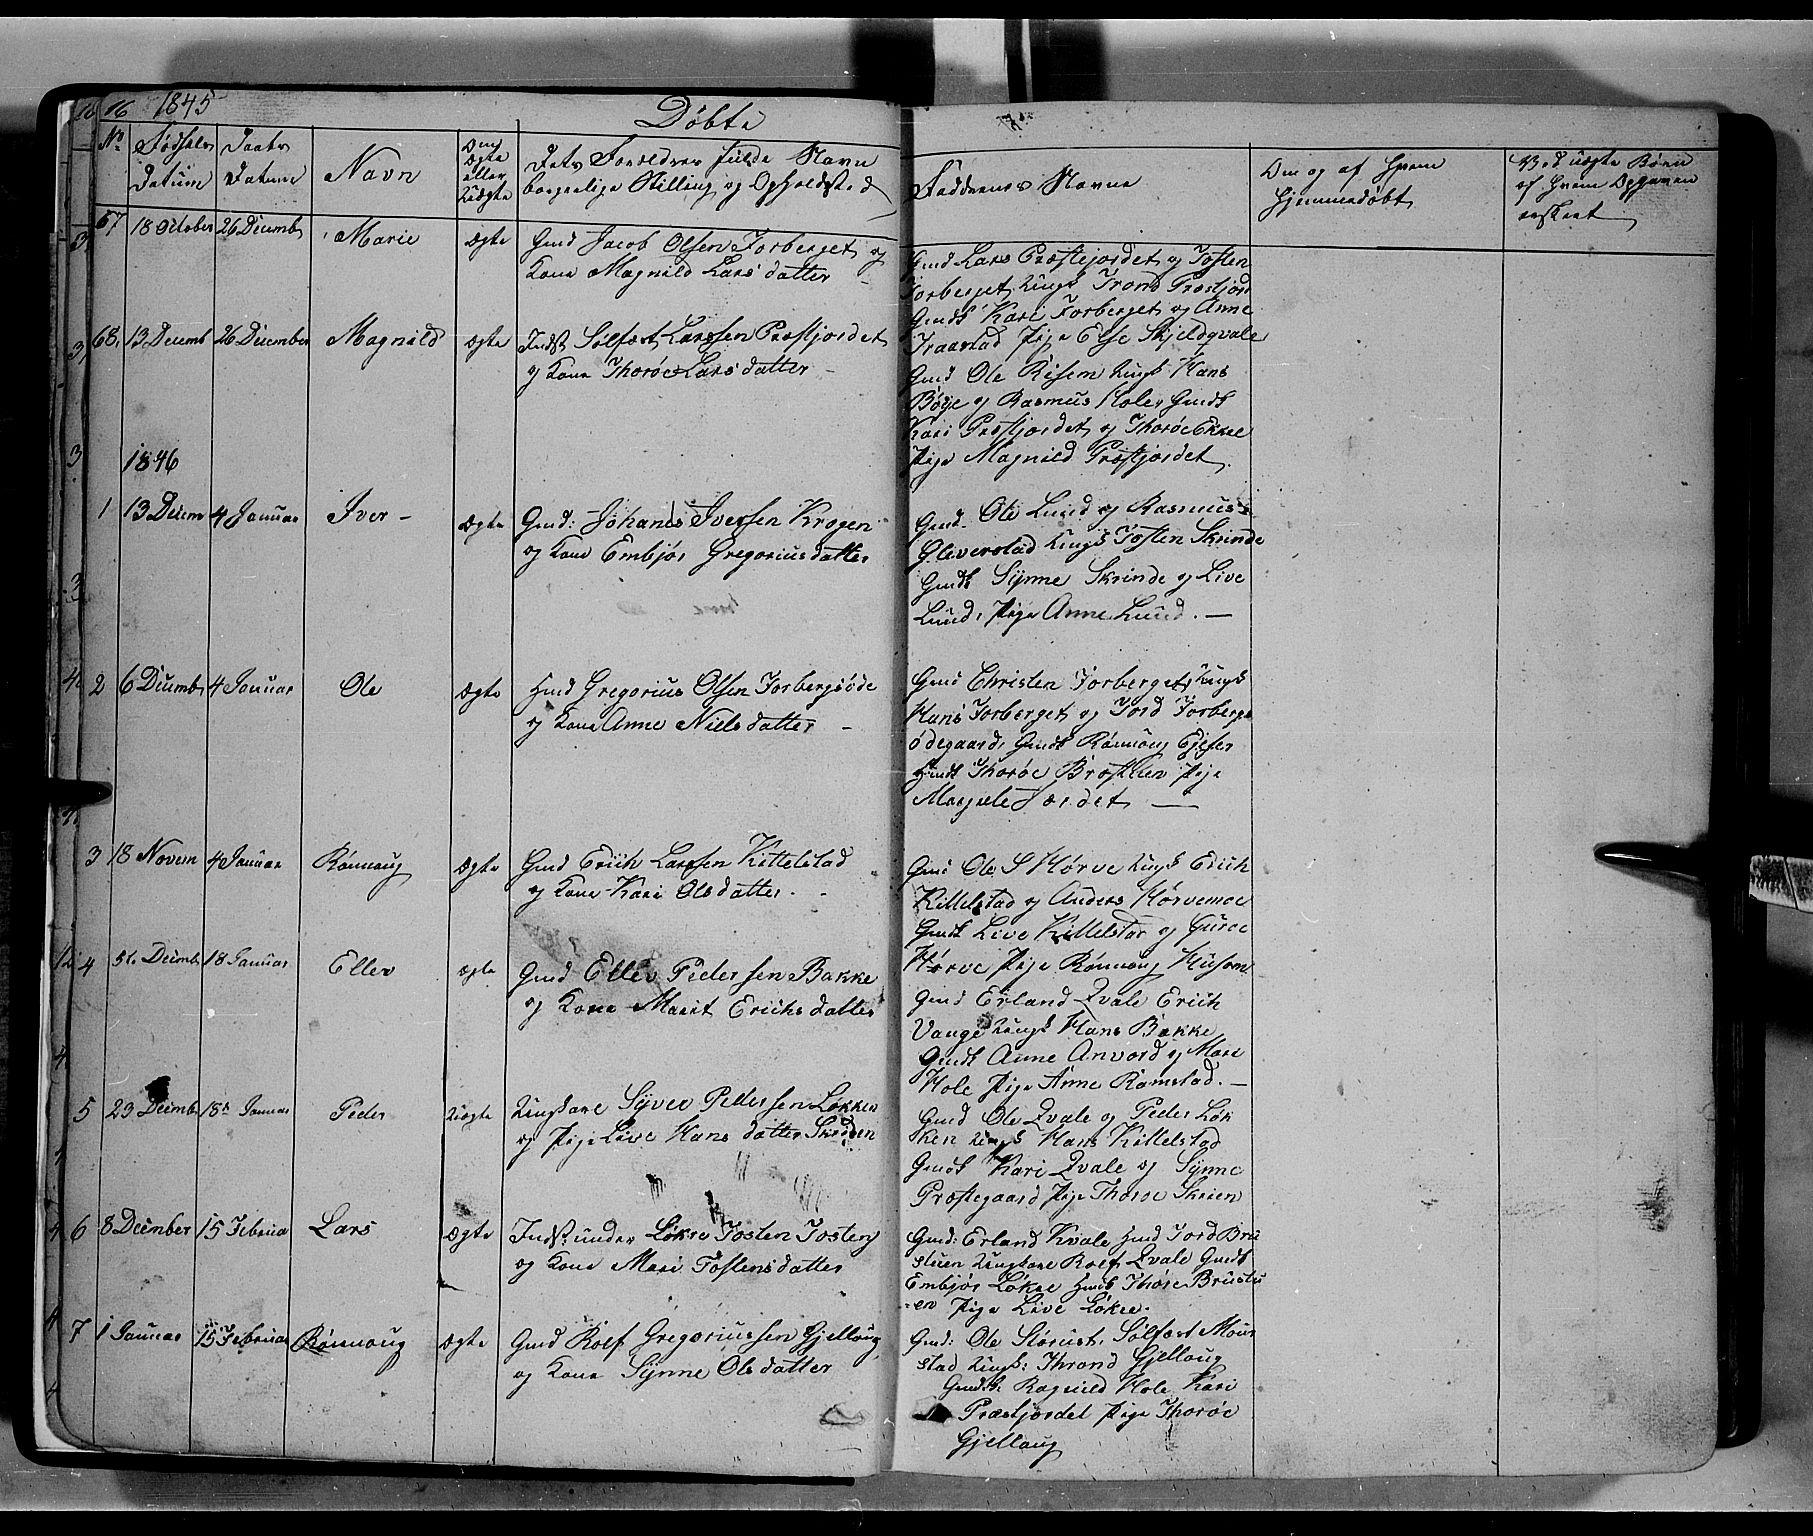 SAH, Lom prestekontor, L/L0004: Klokkerbok nr. 4, 1845-1864, s. 16-17